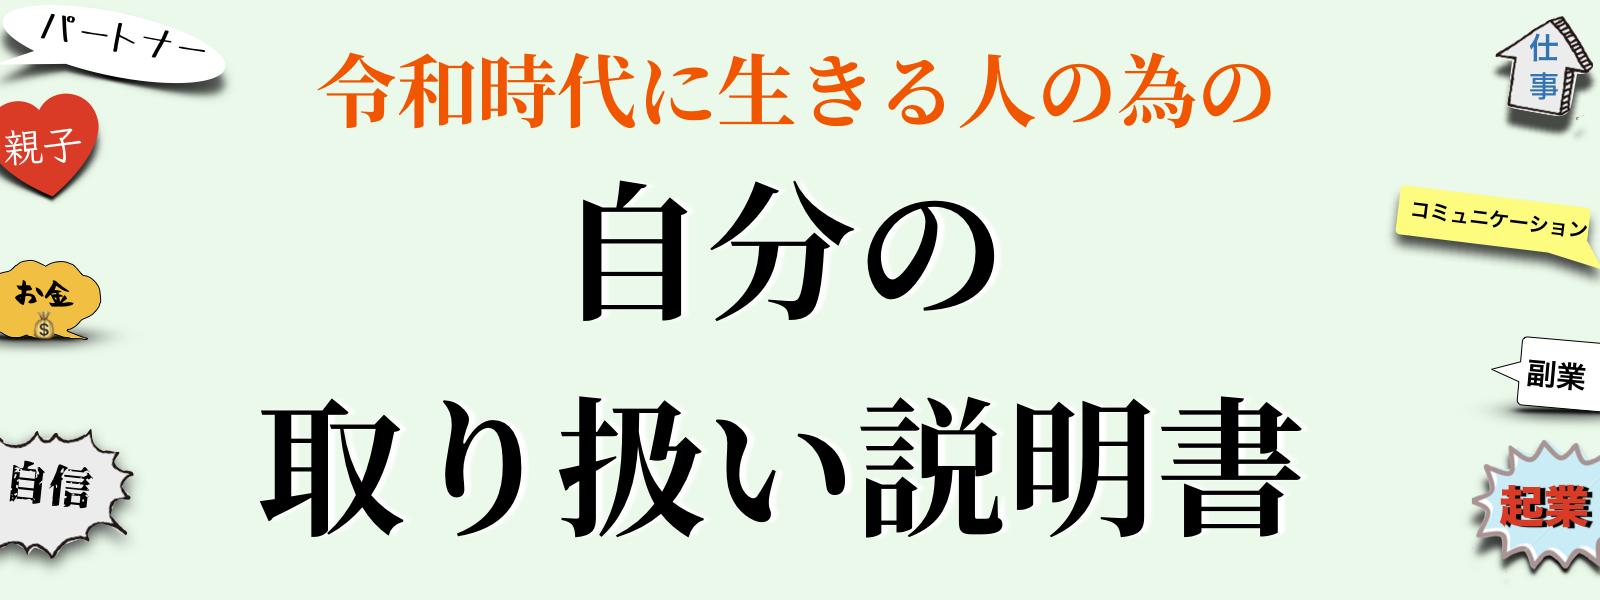 花澤和隆 公式ページ